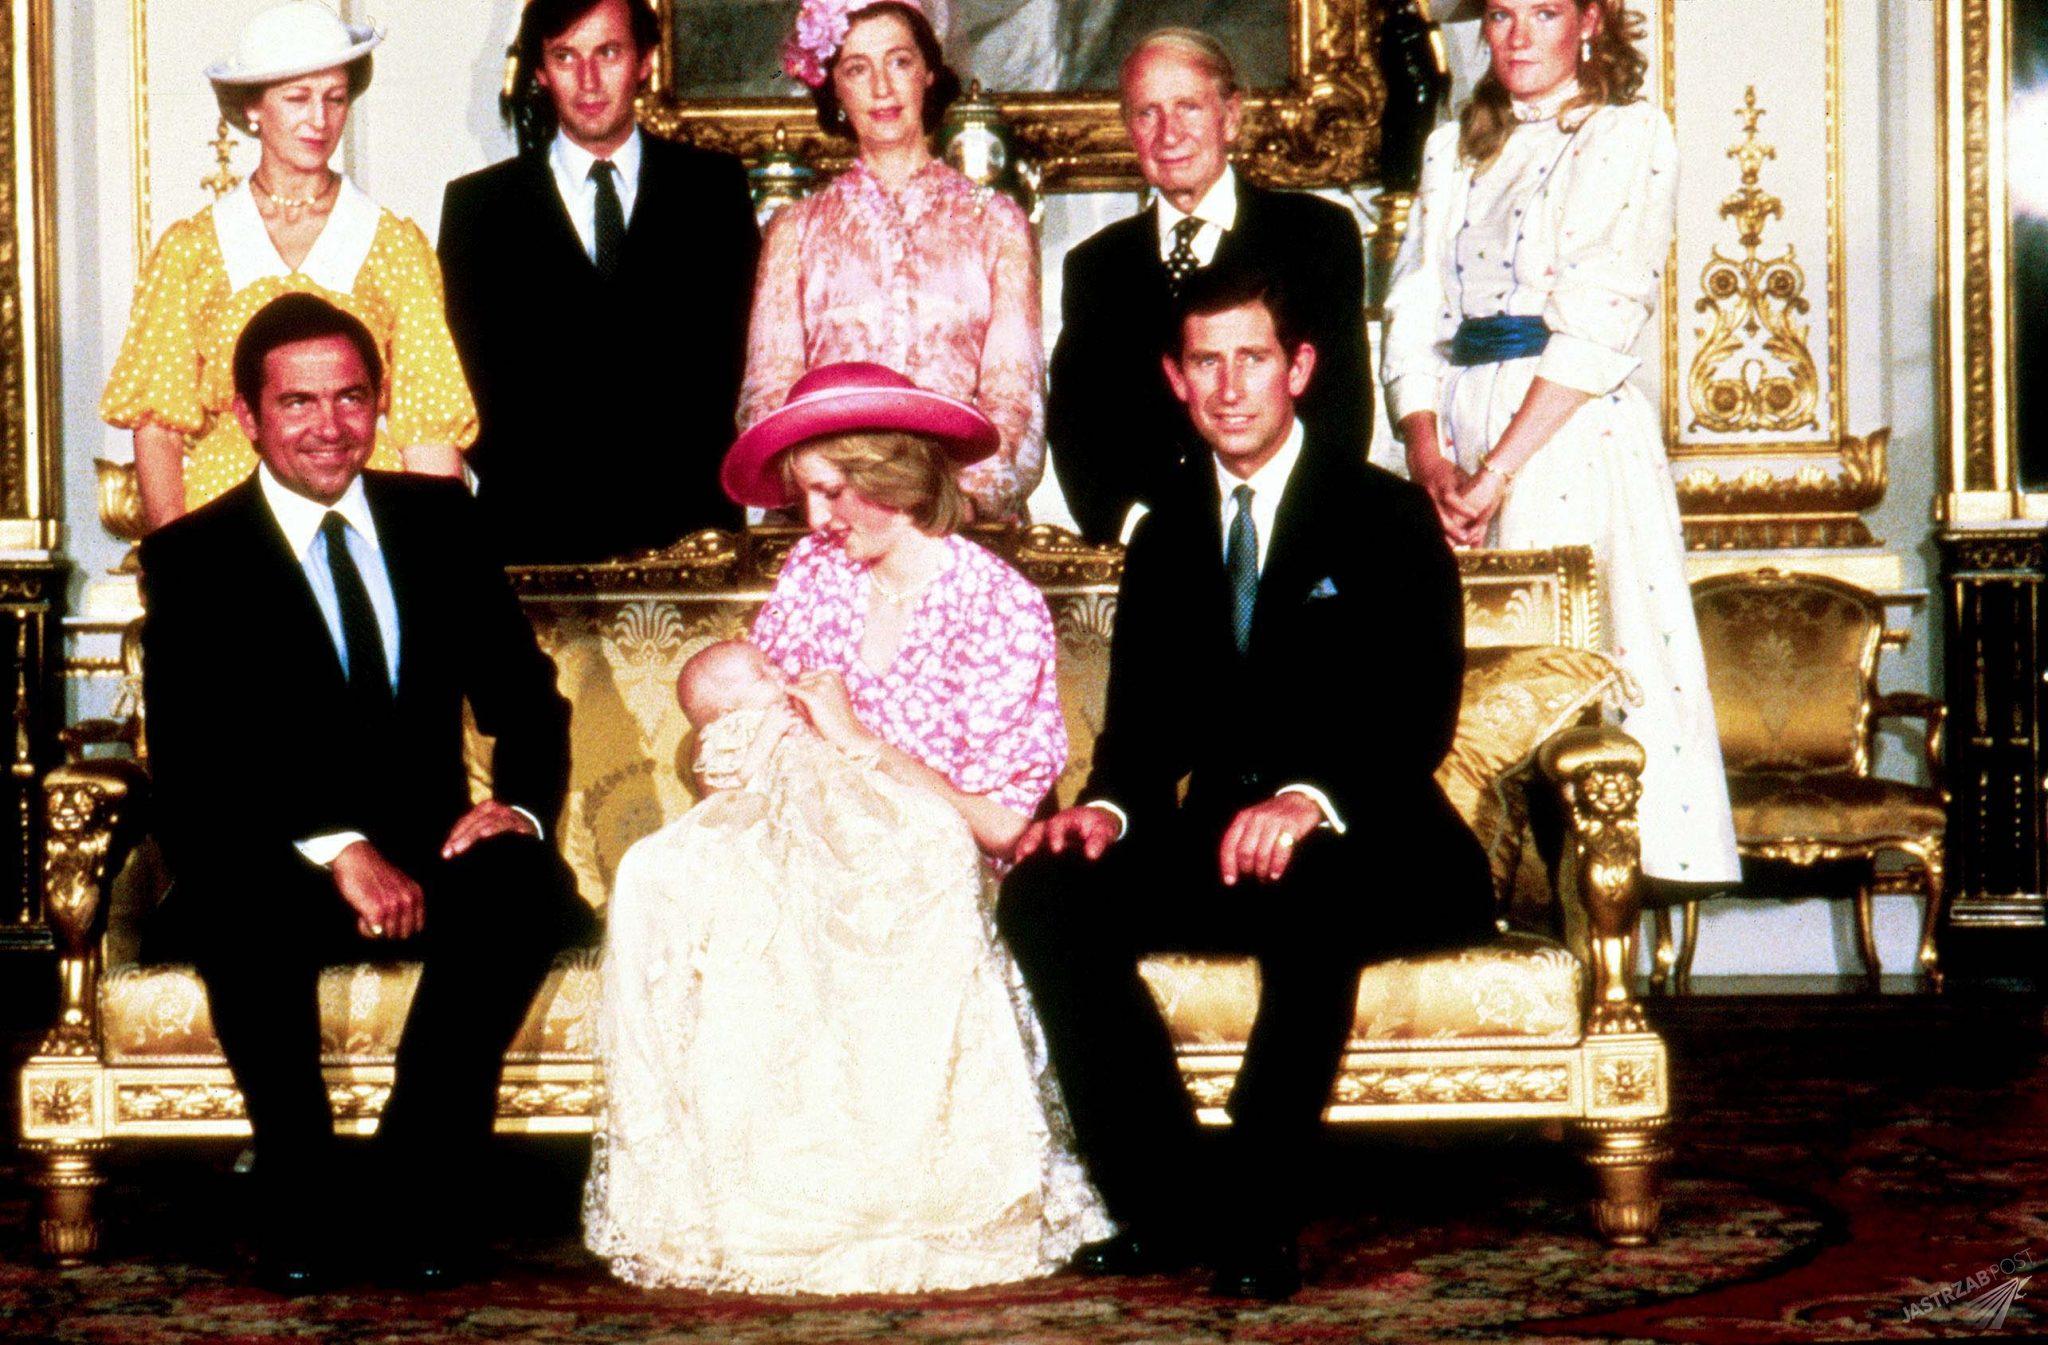 Skandale z życia rodziny królewskiej i księżnej Diany